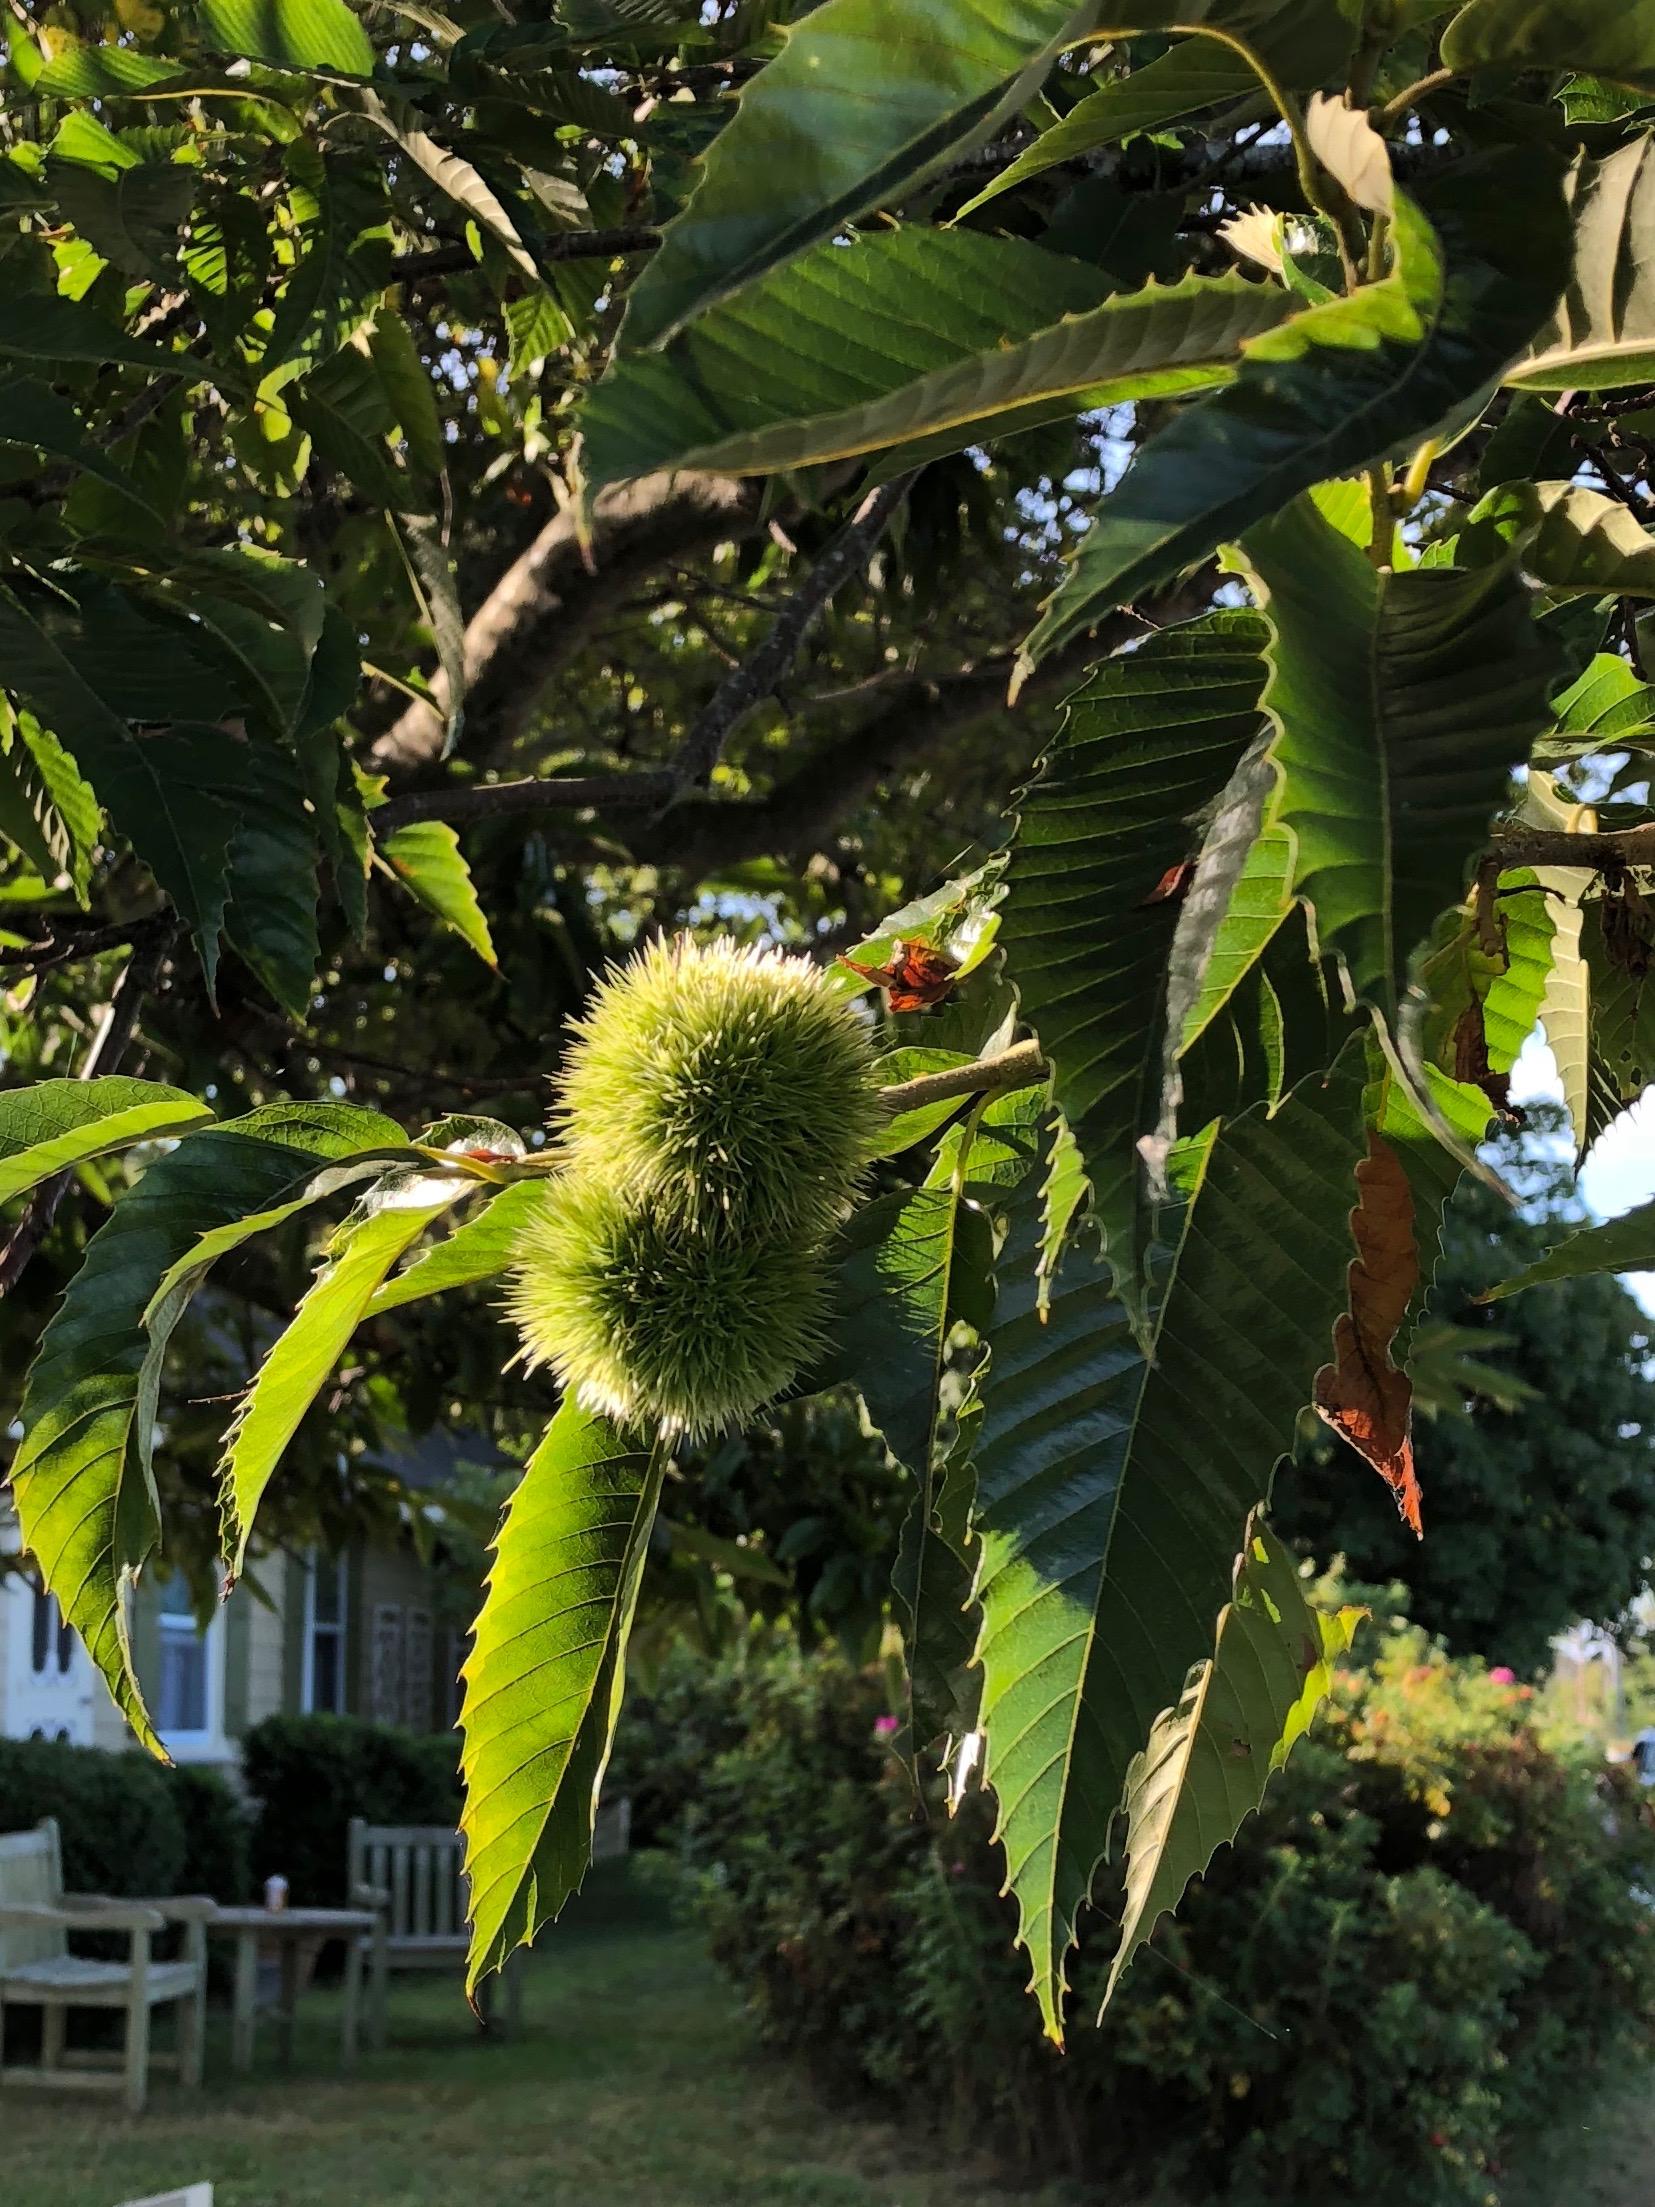 090218-fuzzy-horse-chestnut